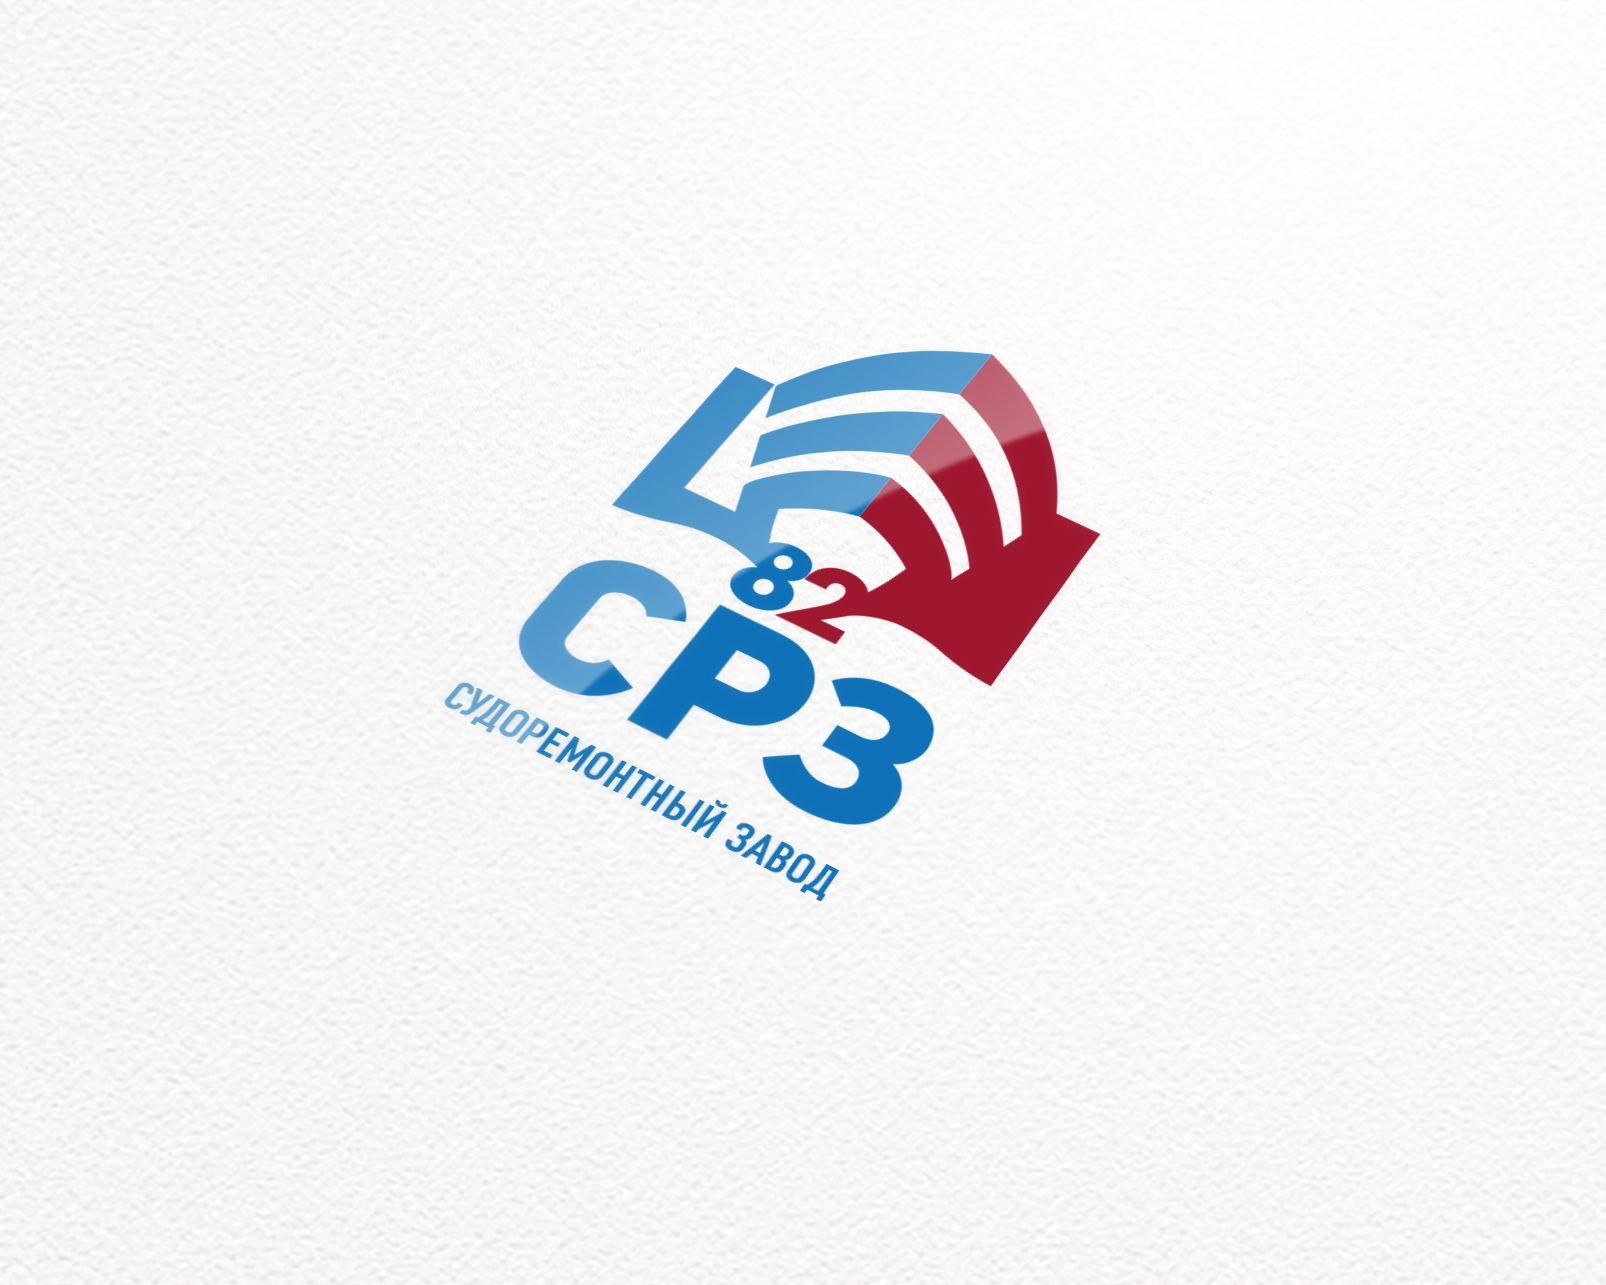 Логотип для судоремонтного завода - дизайнер dron55